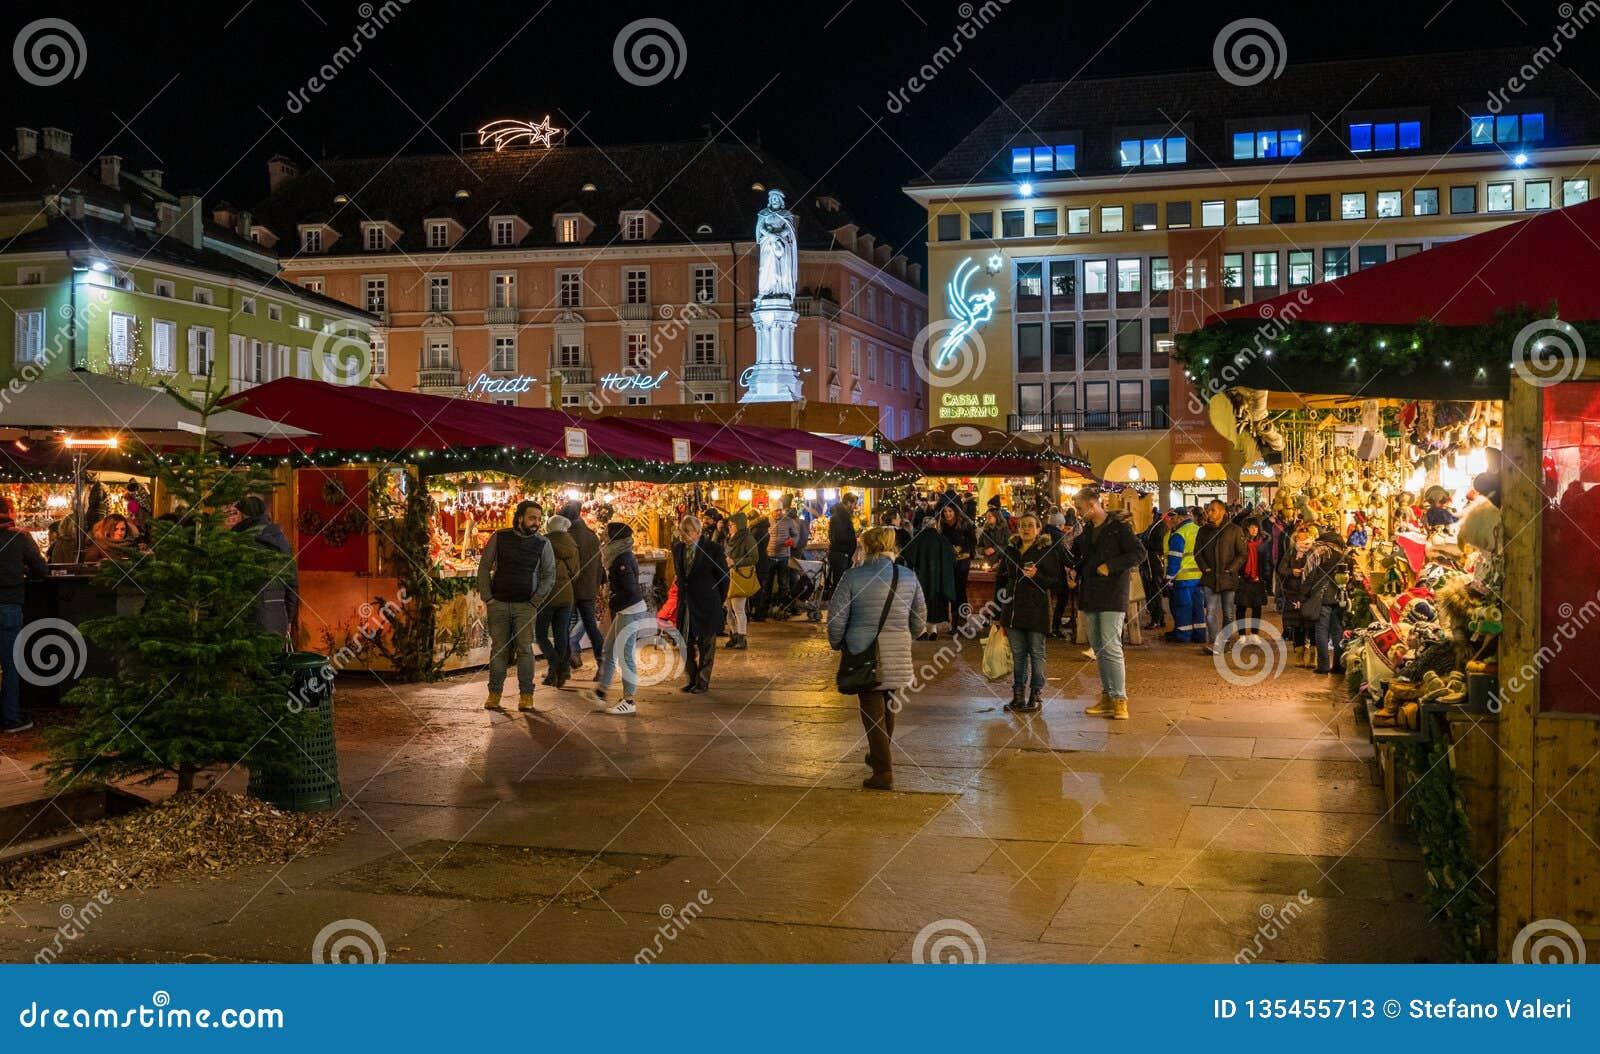 Bolzano Christmas market in the evening. Trentino Alto Adige, Italy.